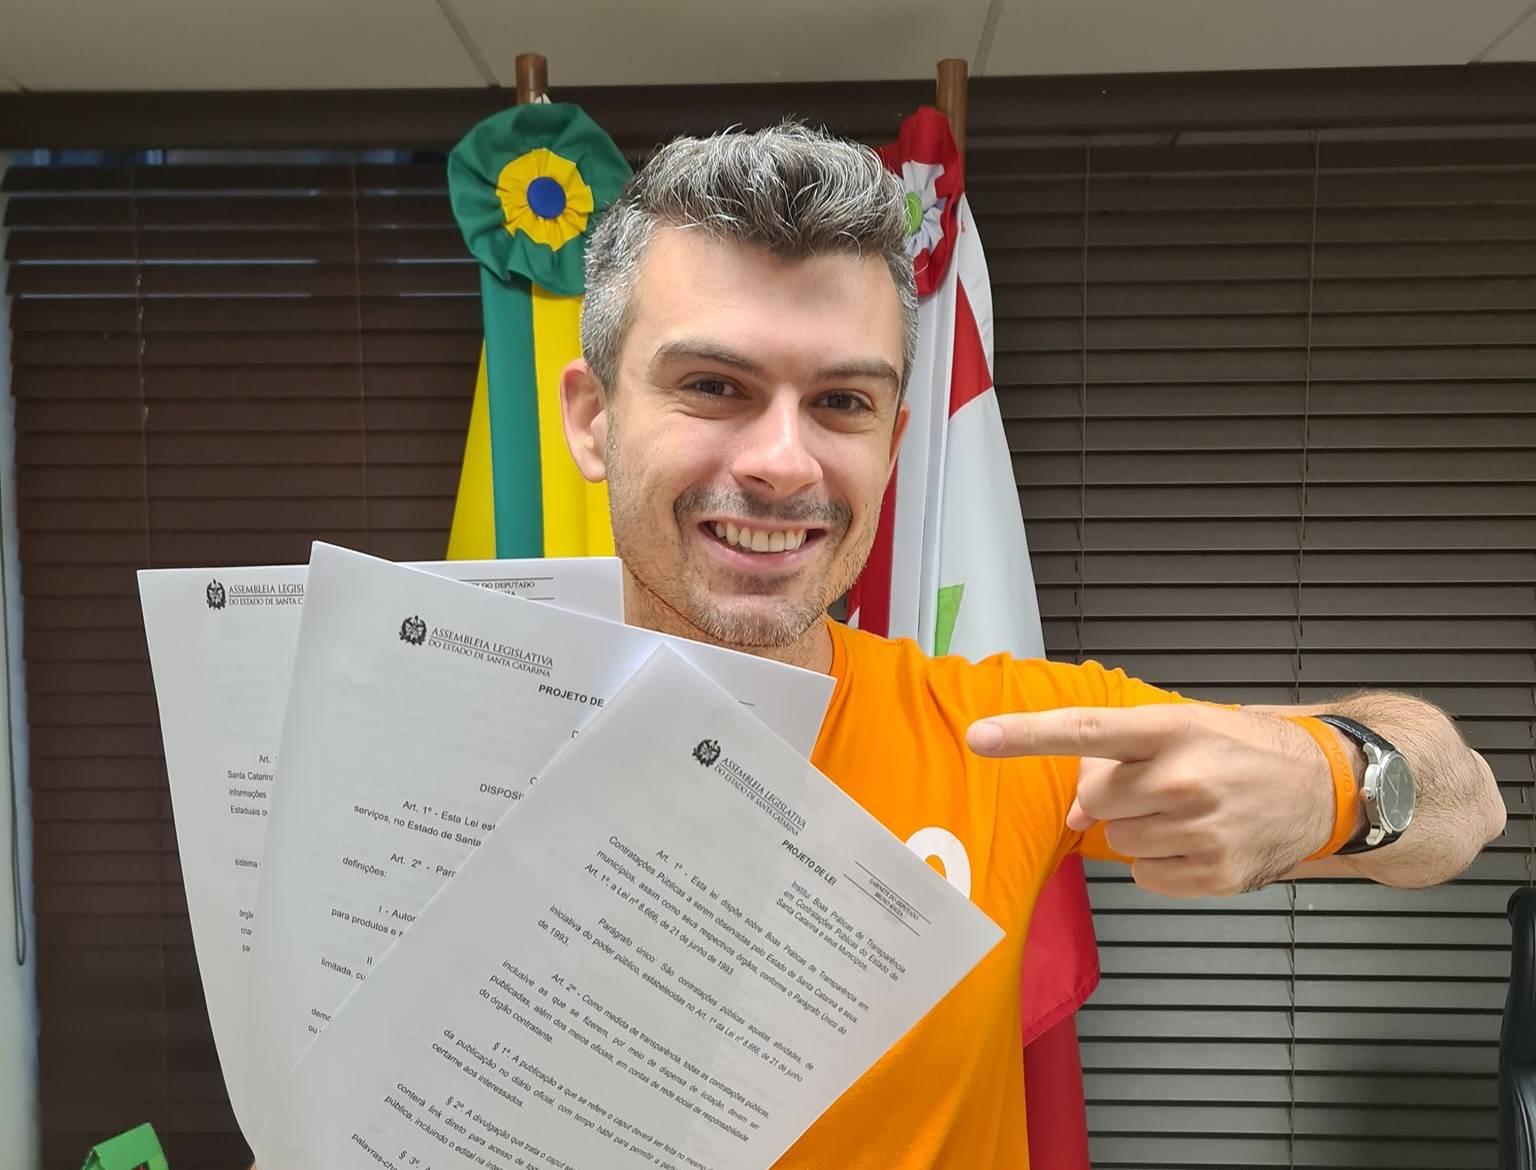 Bruno Souza propõe três projetos que aumentam a transparência e a liberdade econômica em Santa Catarina